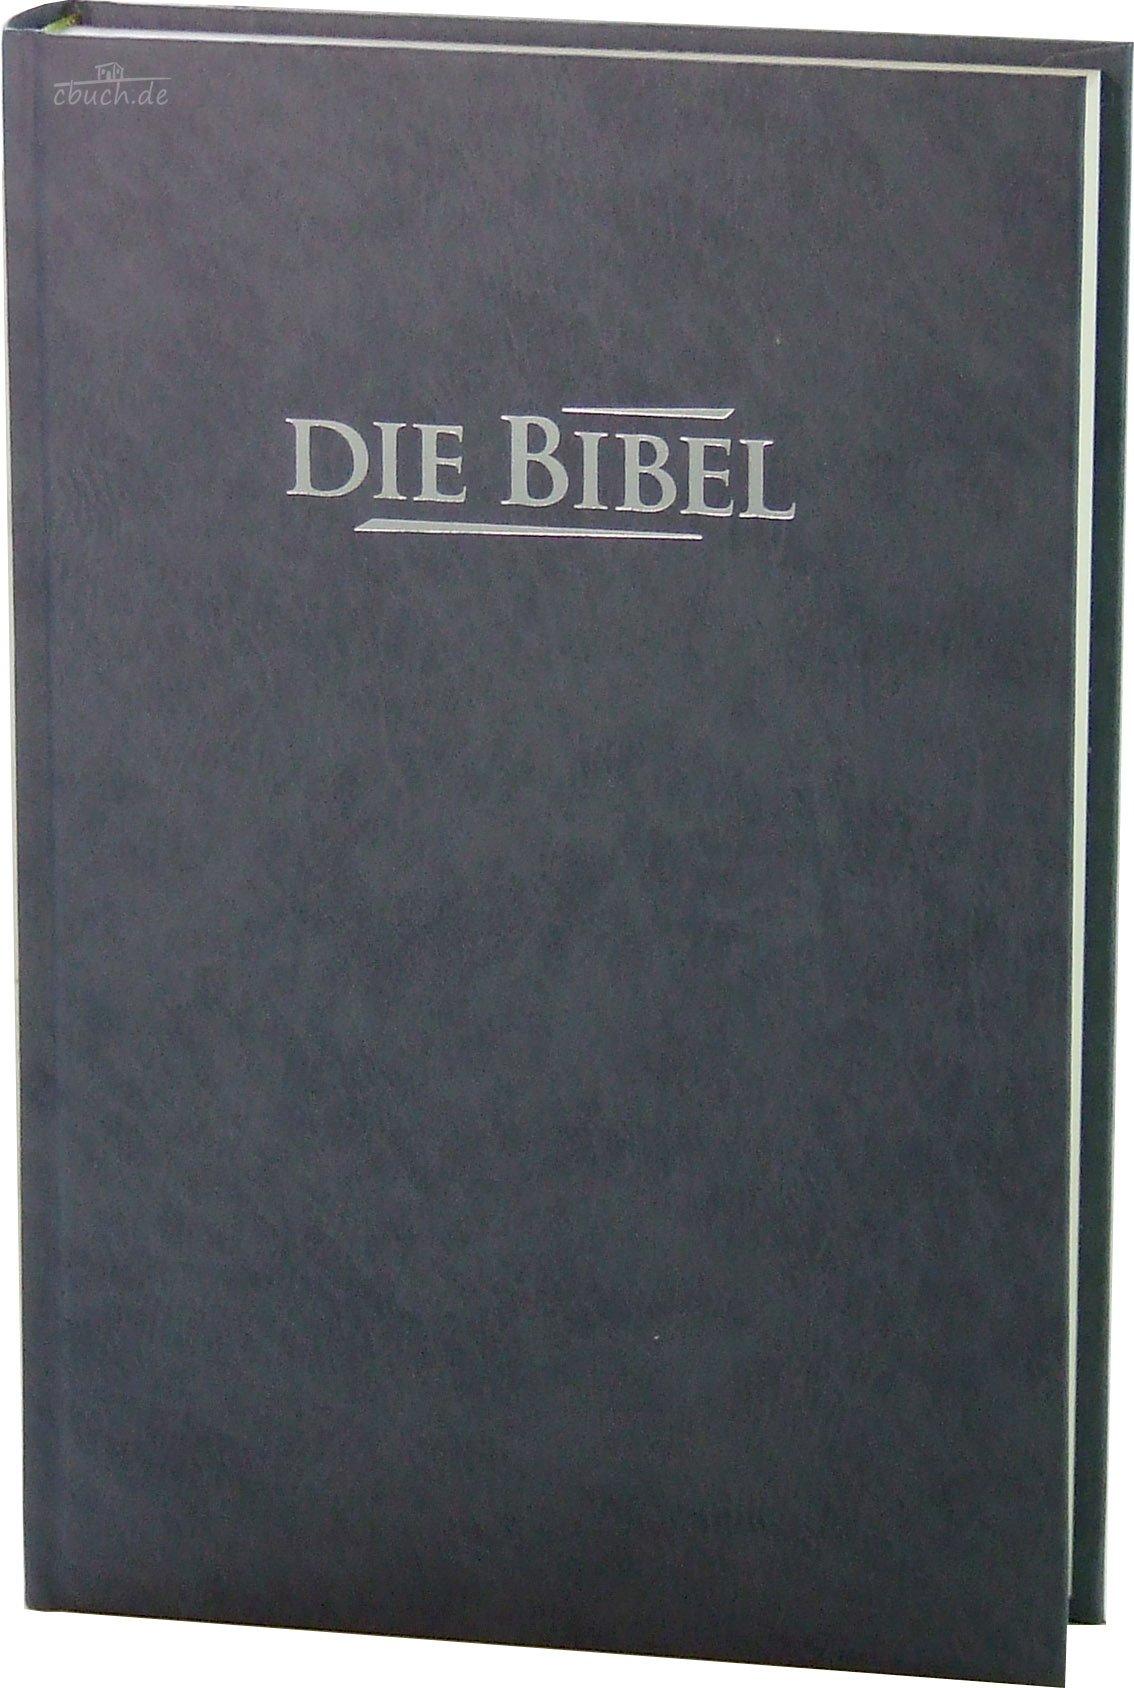 Die Bibel - Standardausgabe (Baladek, grau-blau): Elberfelder Übersetzung 2003, Edition CSV Hückeswagen, Hardcover, grau-blau, Blindschnitt, mit Karten